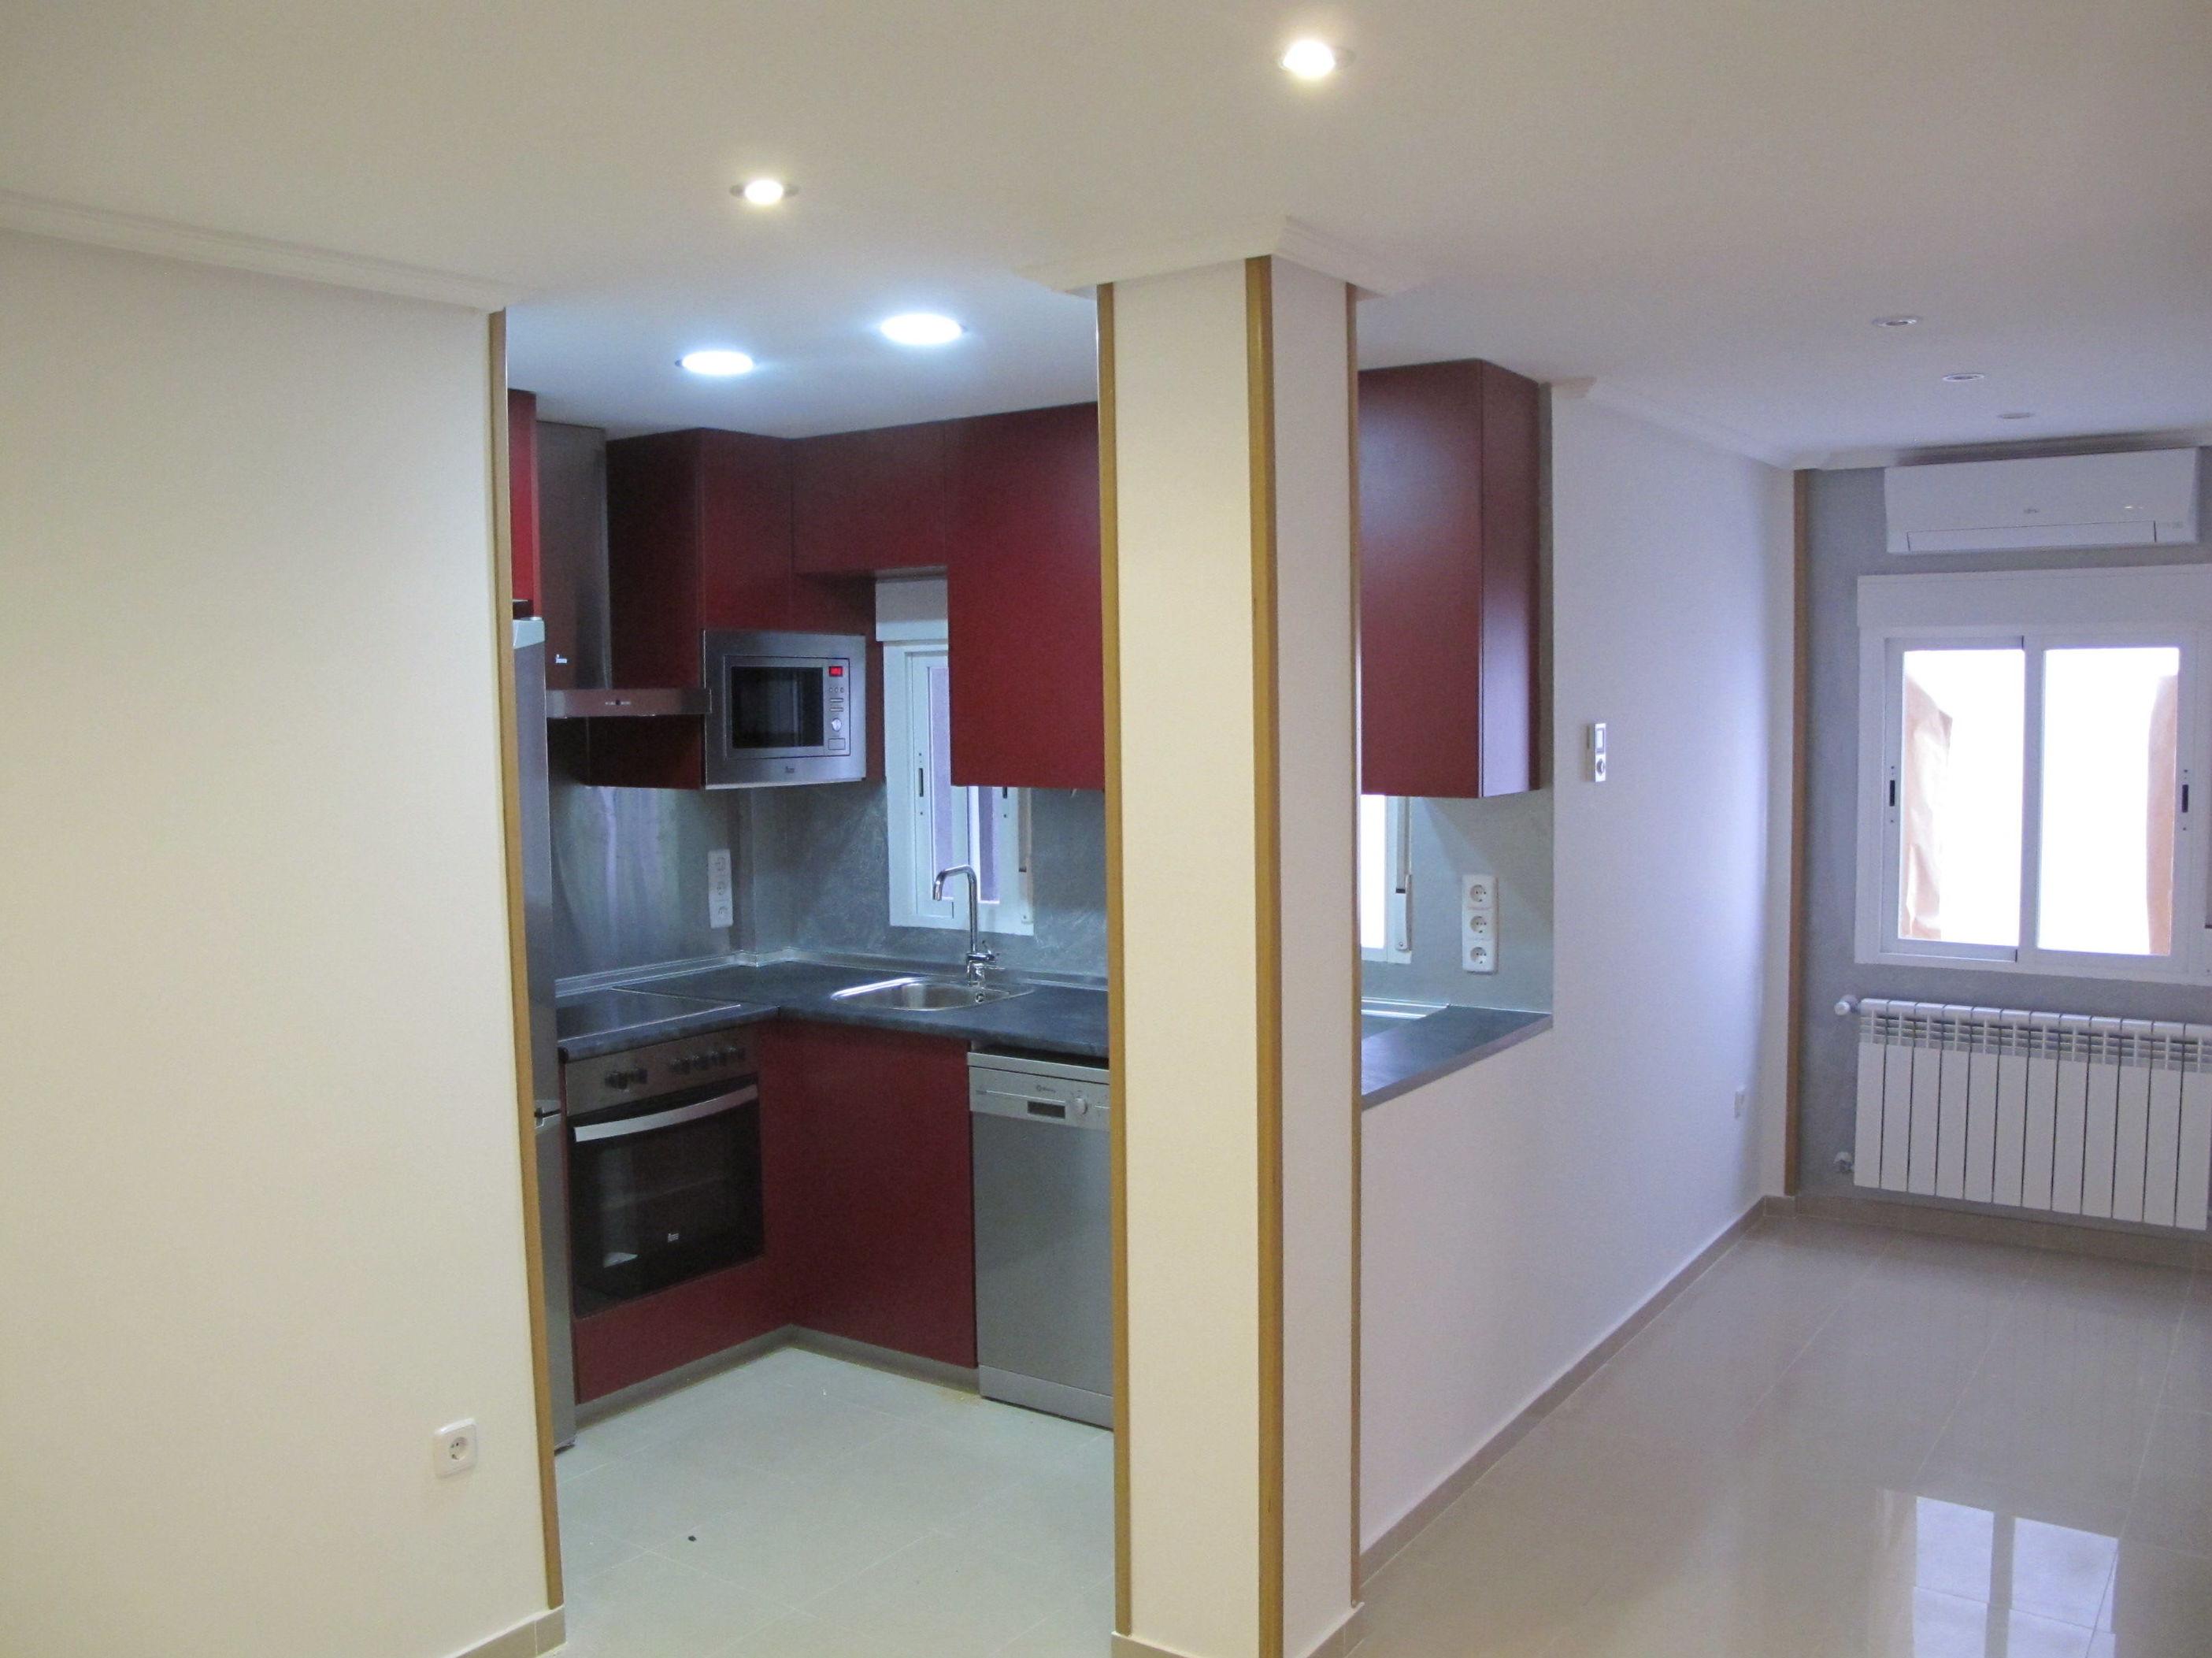 Dise os cocinas mc proyecto realizado en carabanchel - Diseno d cocinas ...